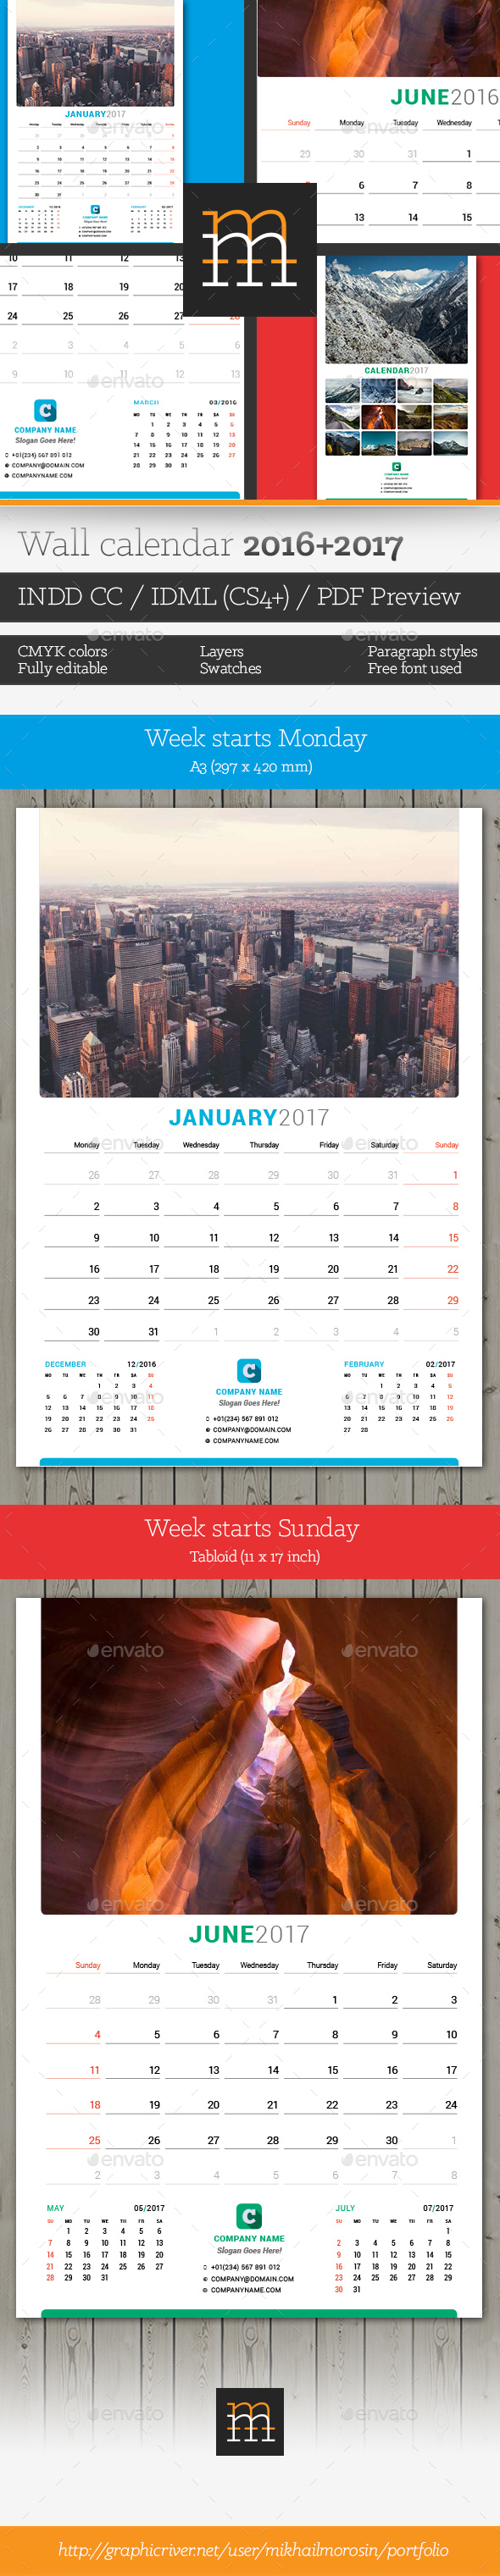 2016-2017 Wall Calendar